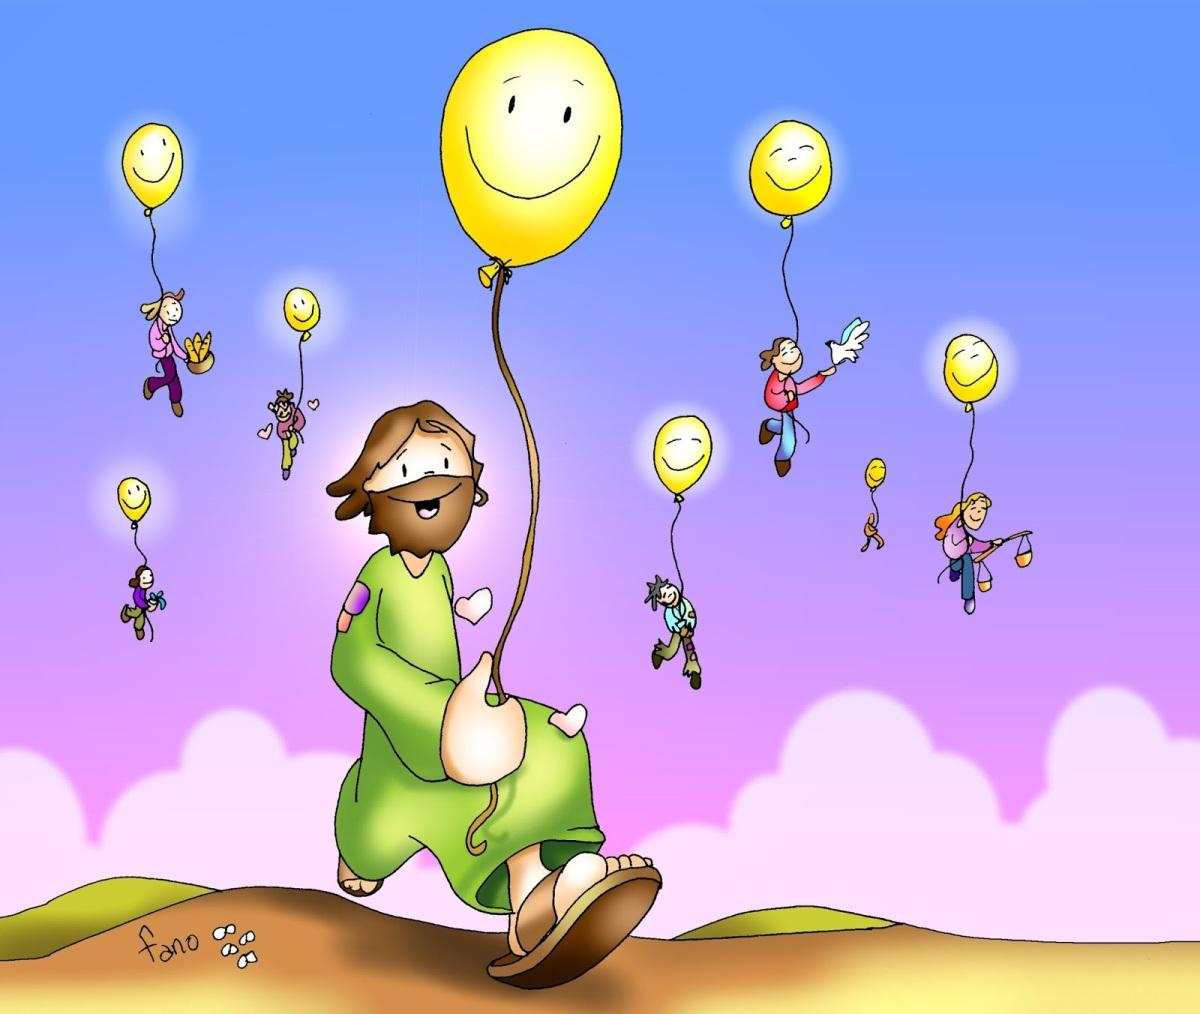 ¡Alegraos, estad contentos, porque en el cielo tenéis preparada una gran recompensa!